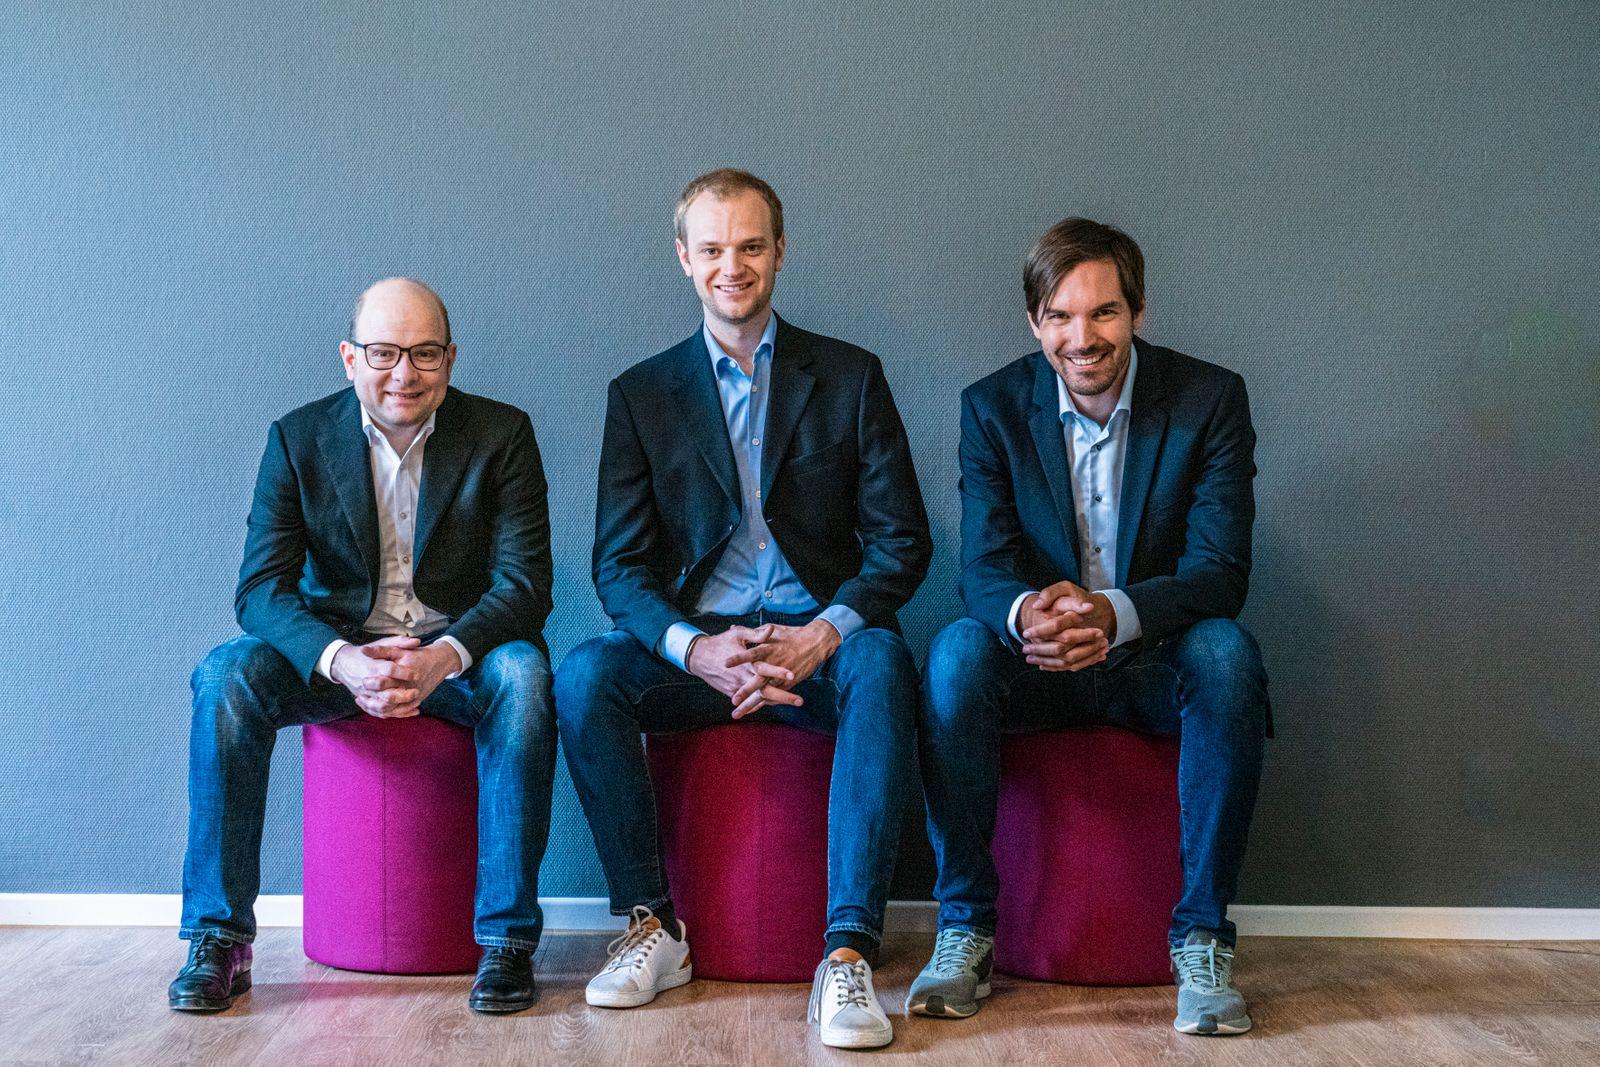 Bastian Nominacher, Alexander Rinke, Martin Klenk